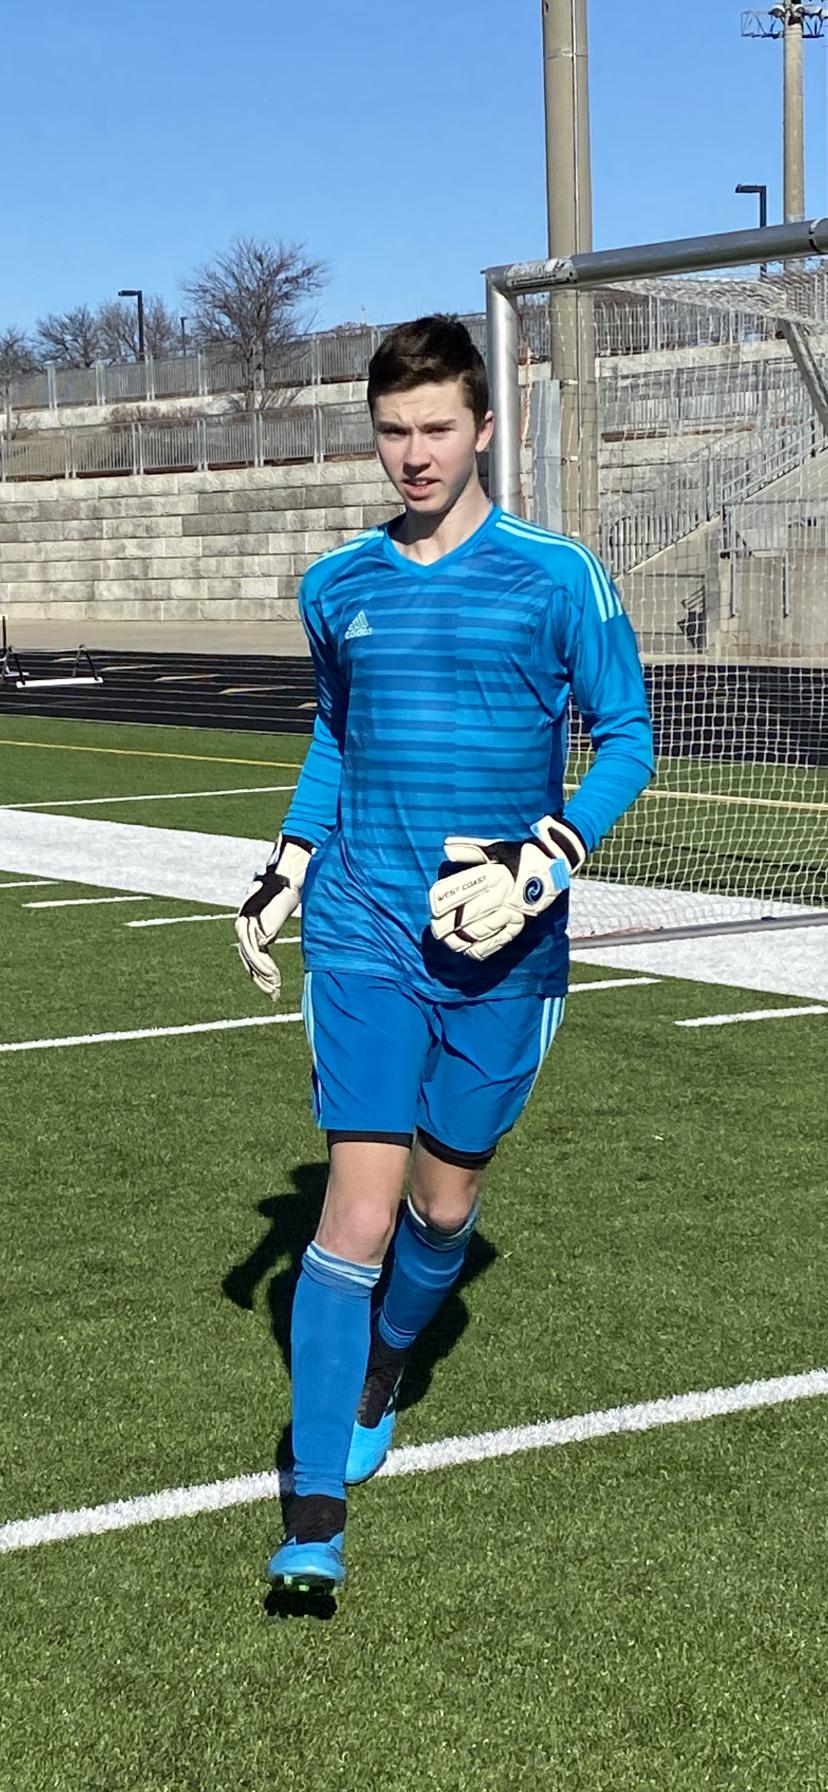 Jimmy Poledna - Goalkeeper Training in Kansas City